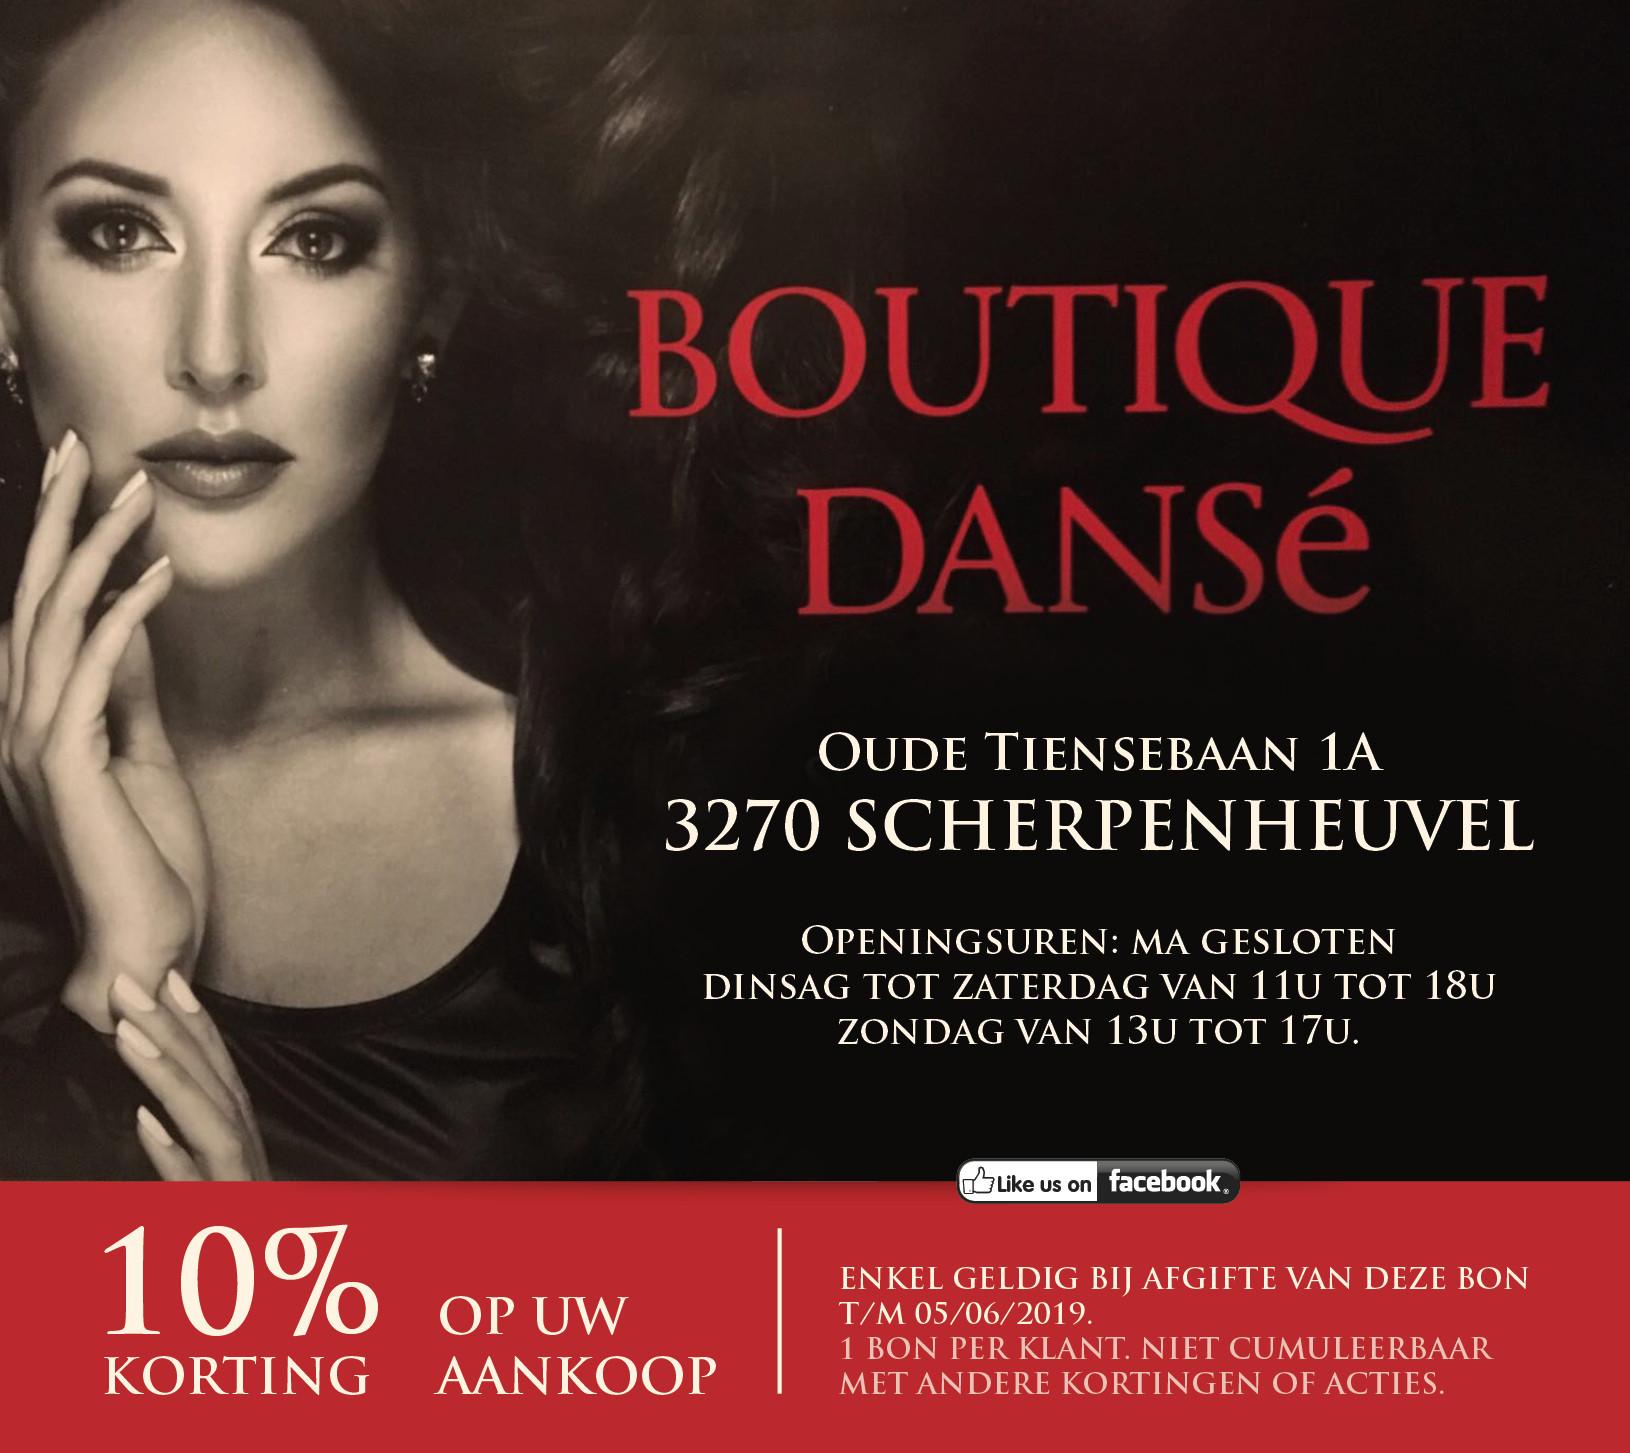 boutique_danse_scherpenheuvel_maart_2019.jpg